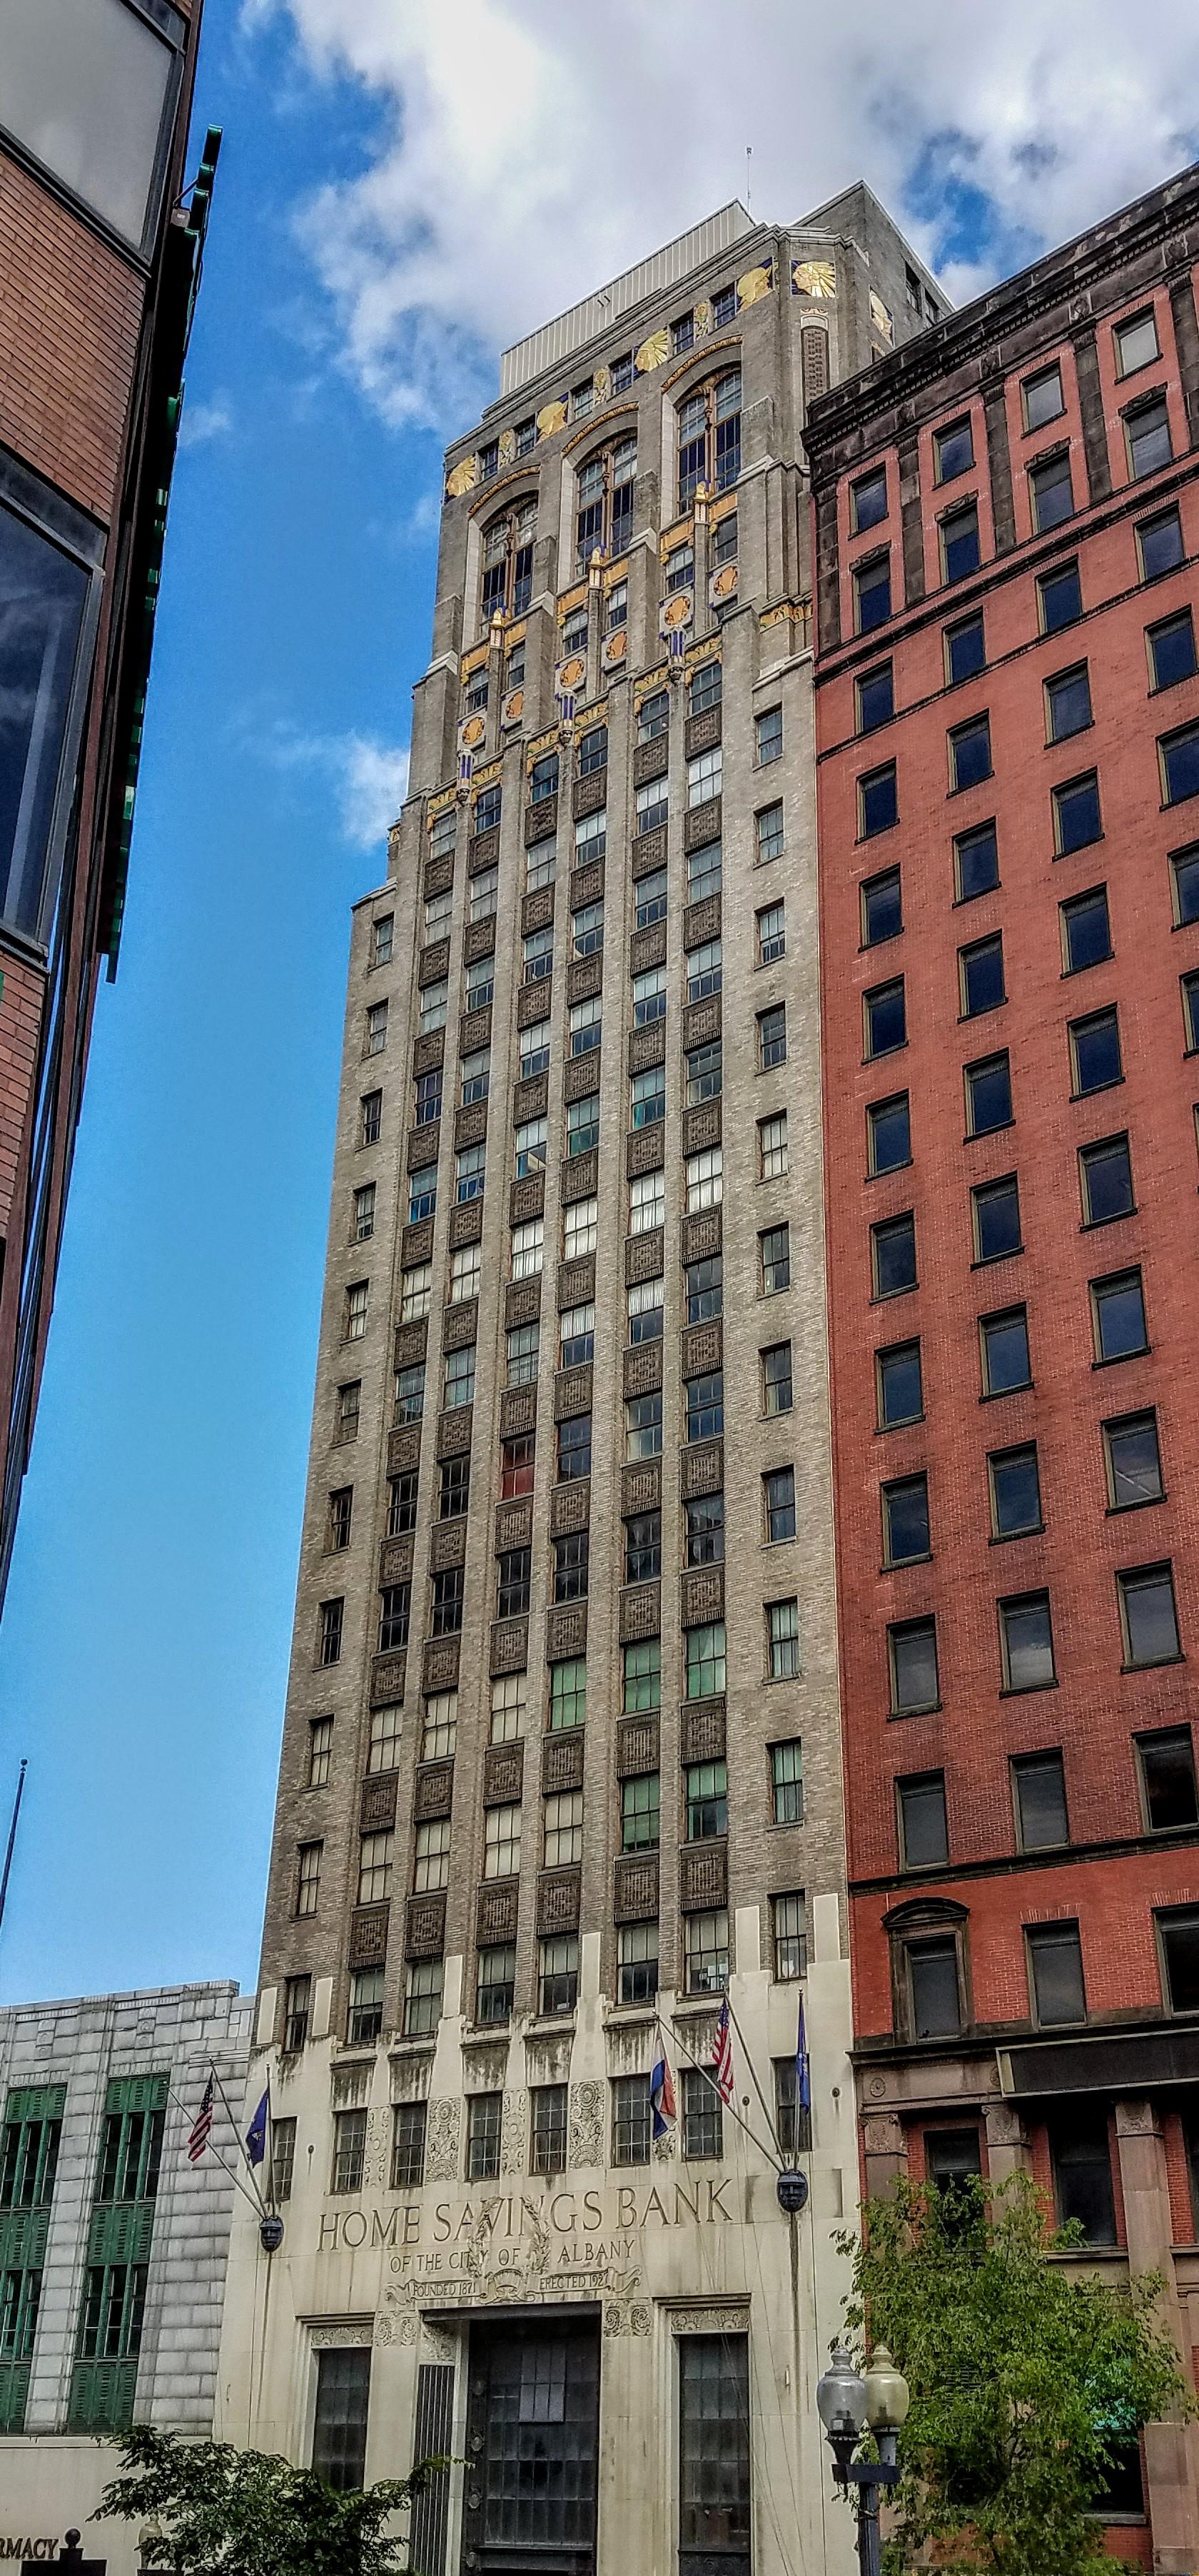 Art deco buildings in Albany, NY